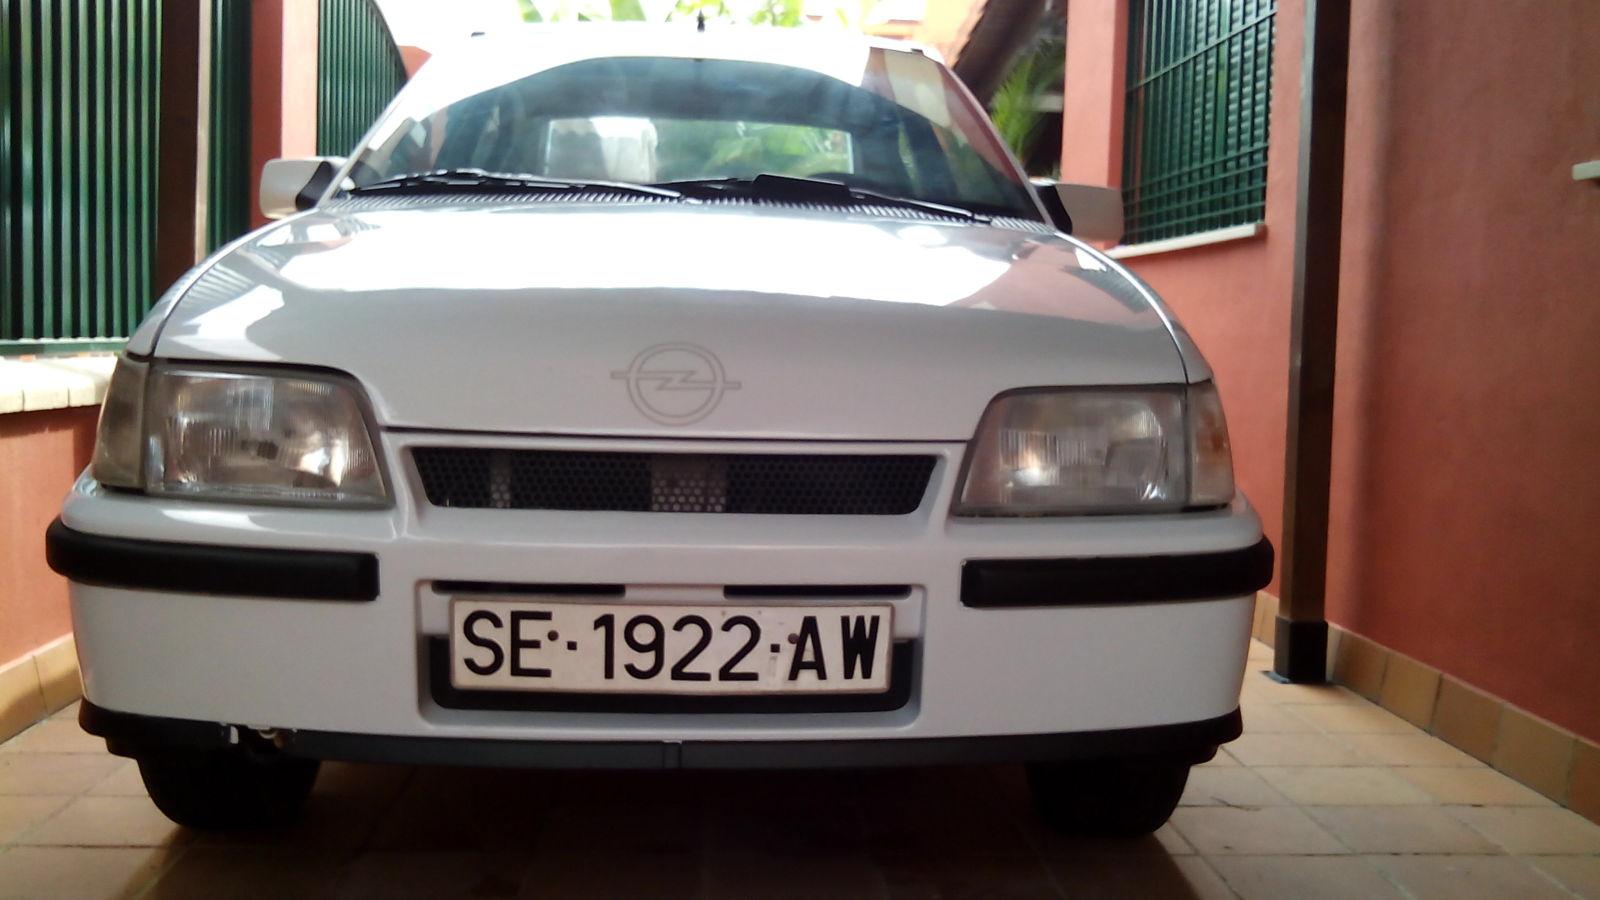 Restauracion del coche de mi juventud S1q71k